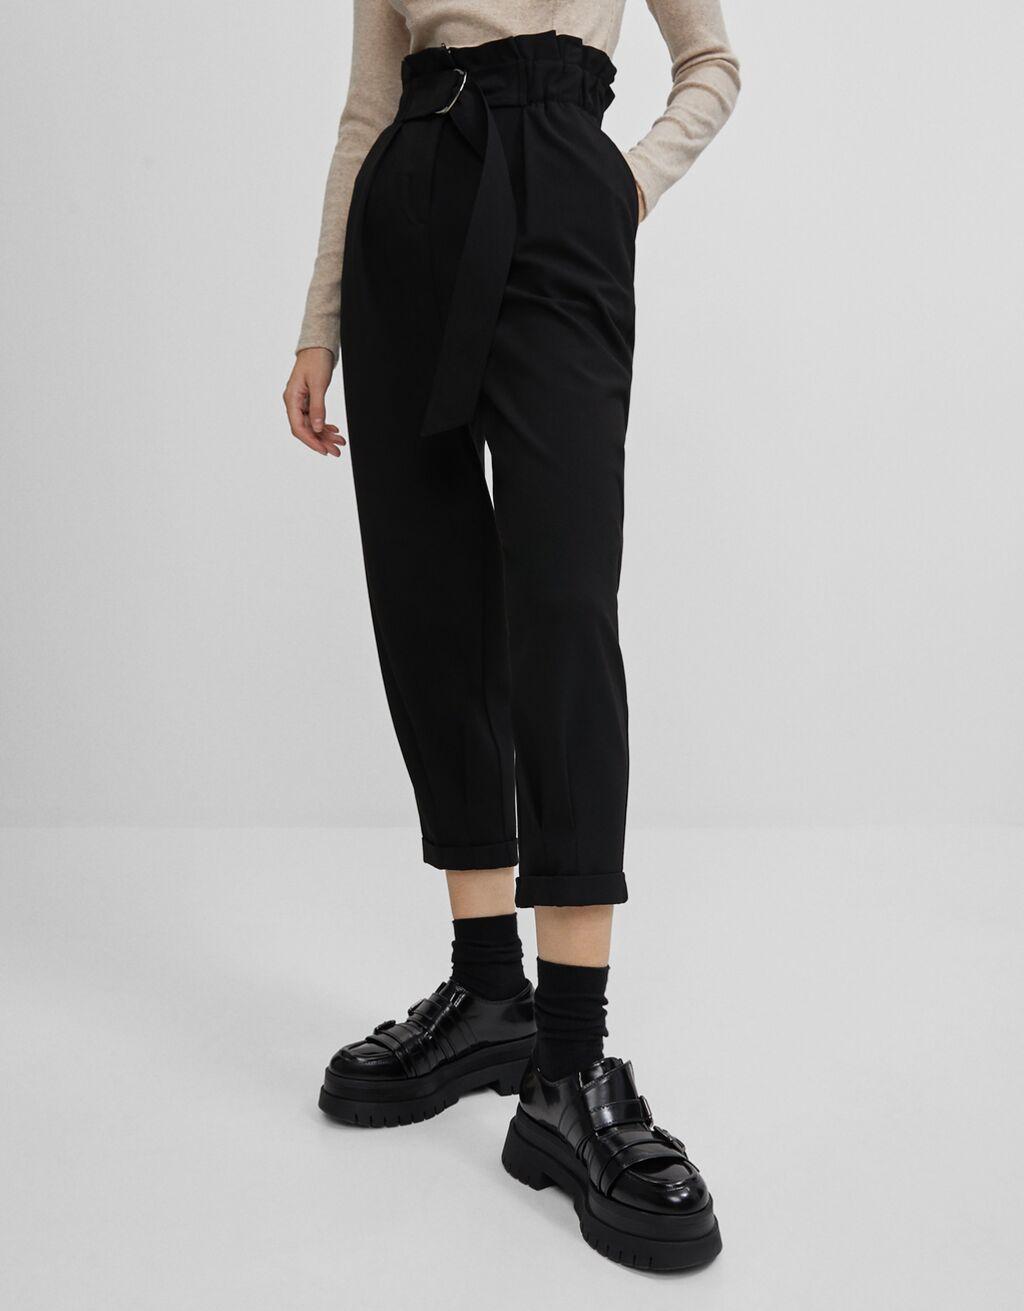 Pantalón Slouchy con cinturón